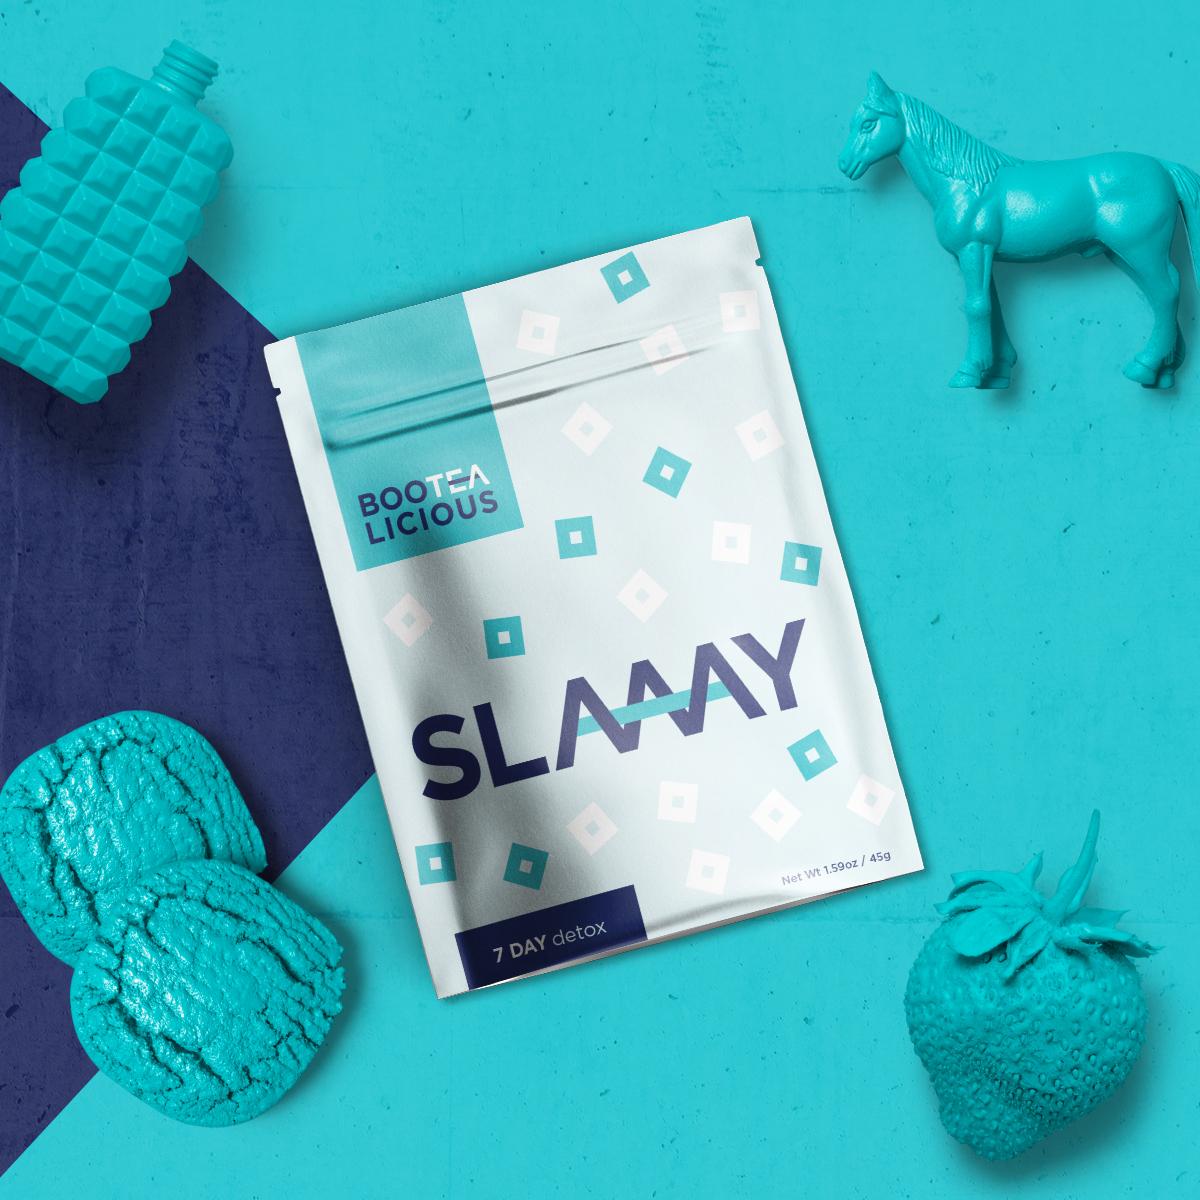 Slaaay tea packaging flatlay